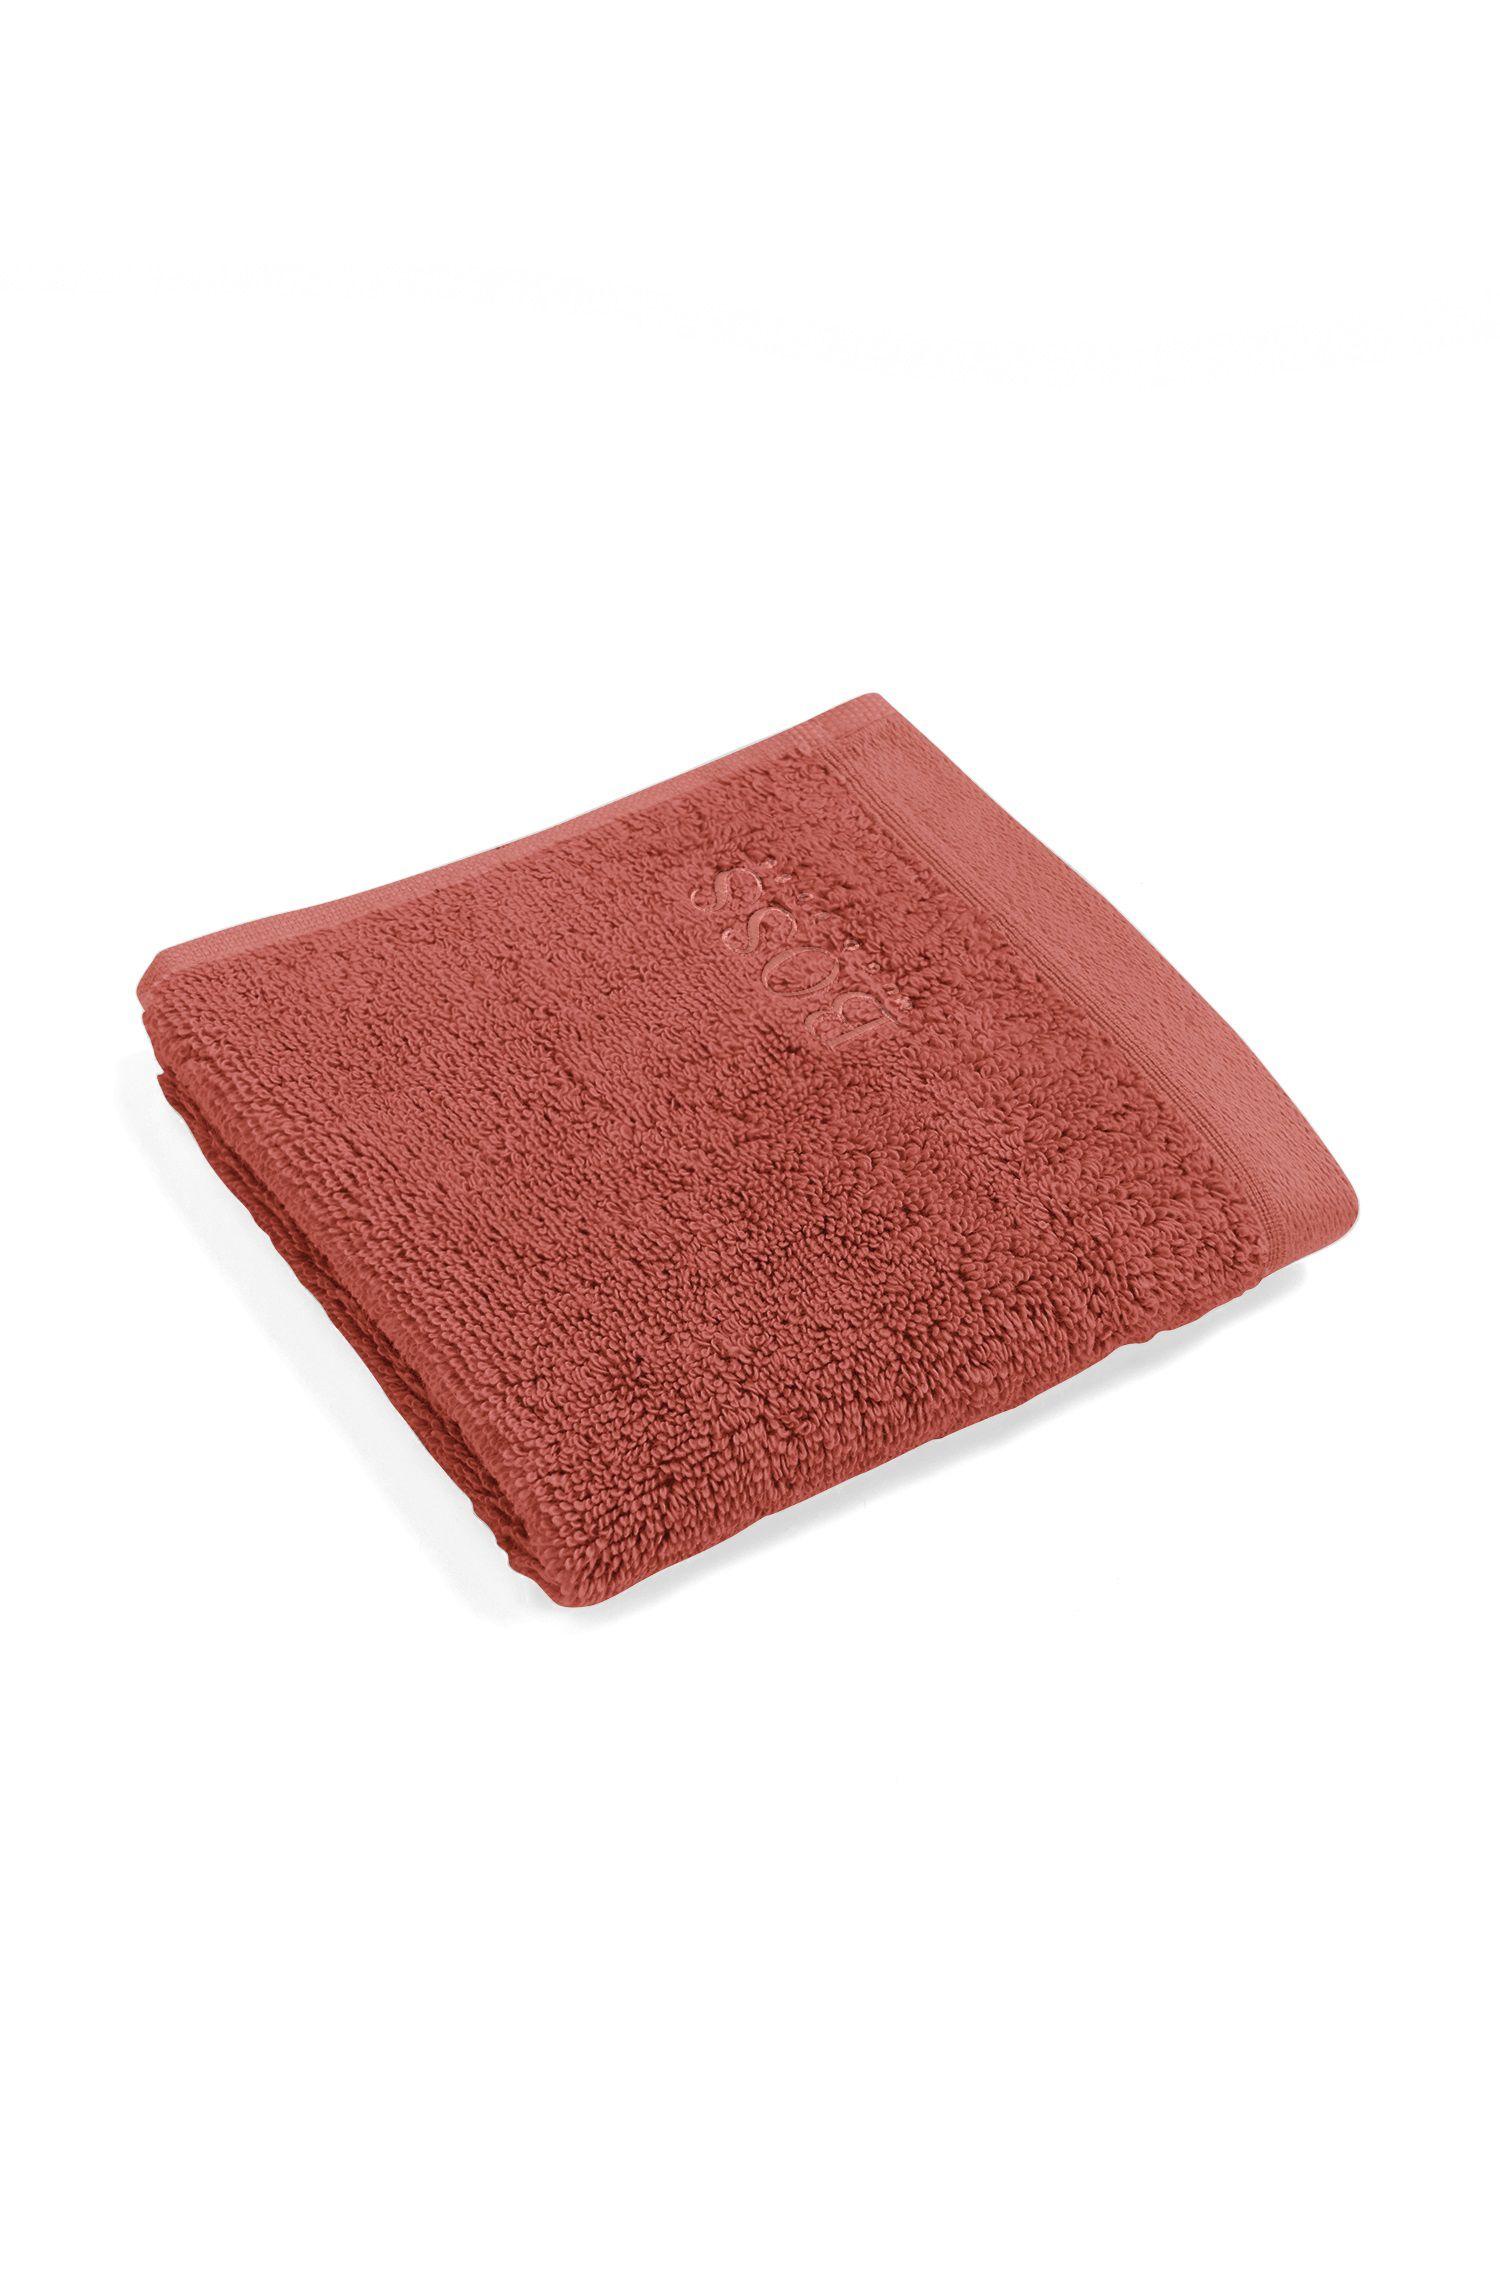 Serviette de toilette pour le visage en coton peigné de la mer Égée